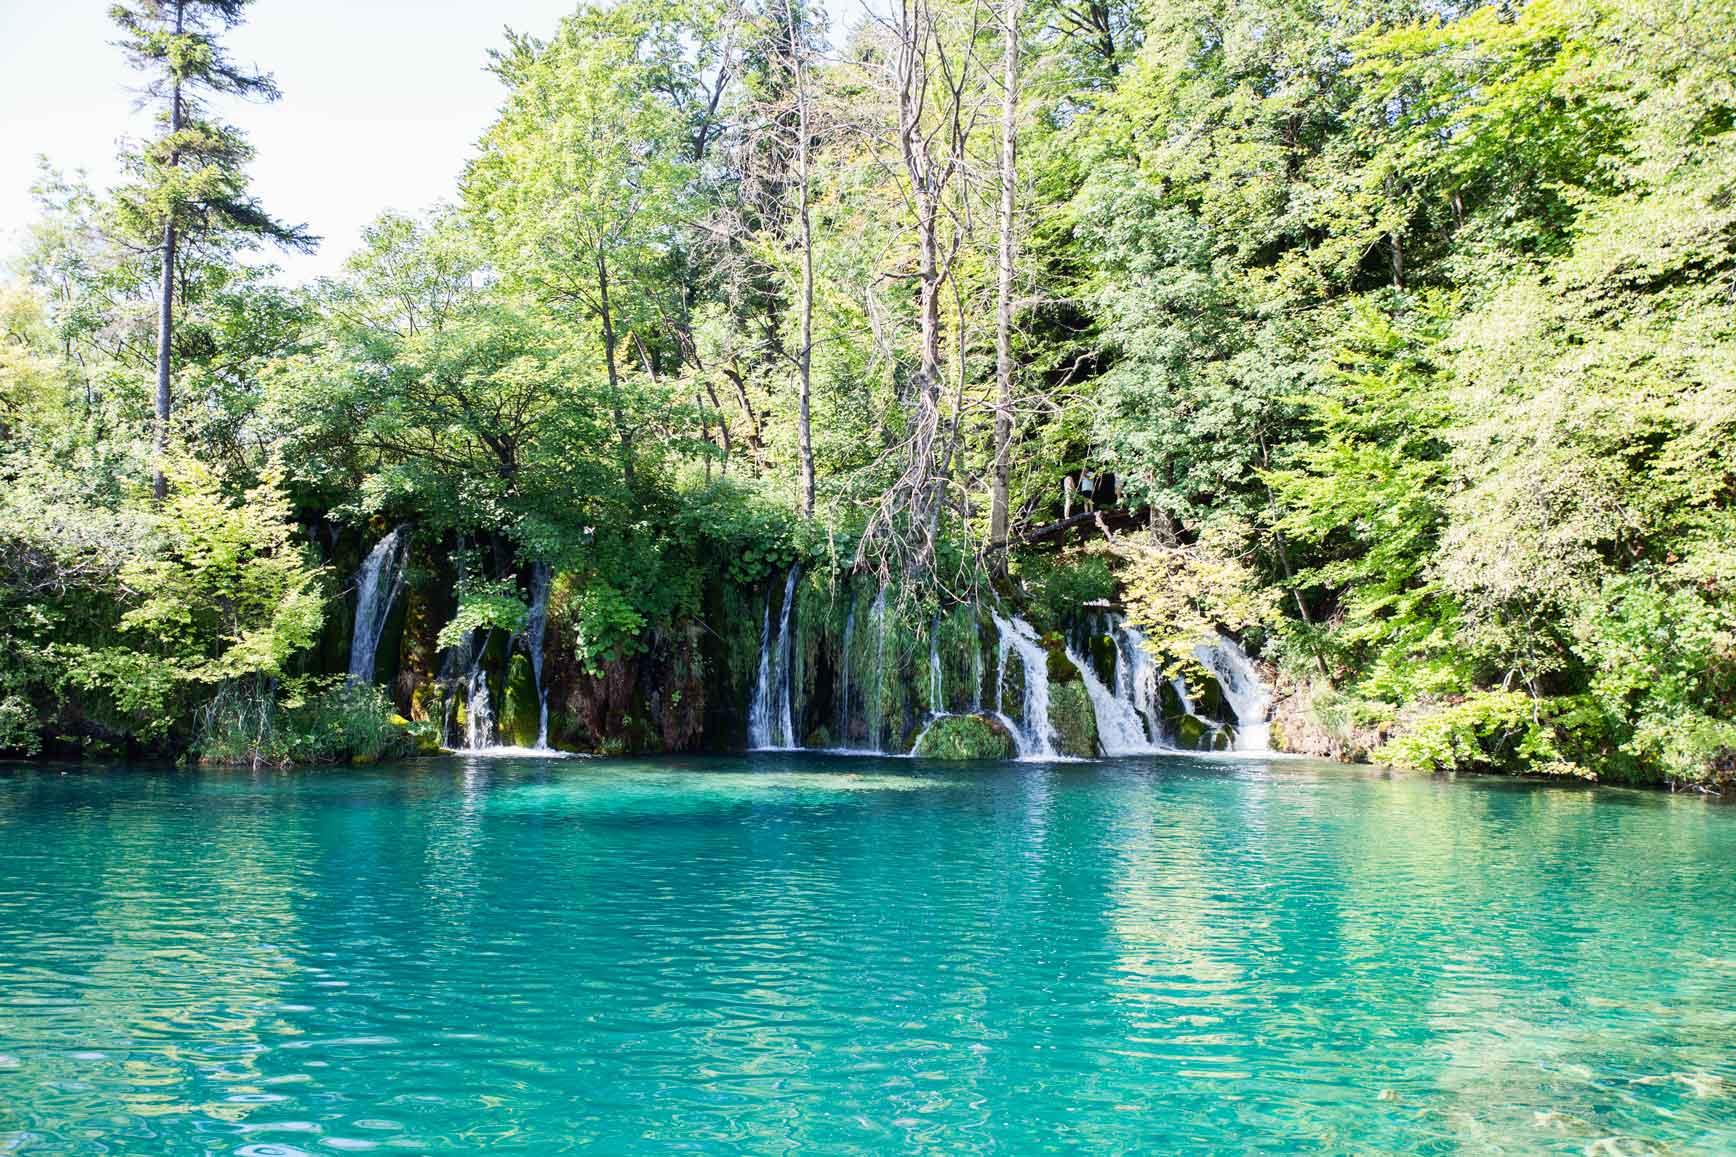 lagos-de-plitvice_claraBmartin_21